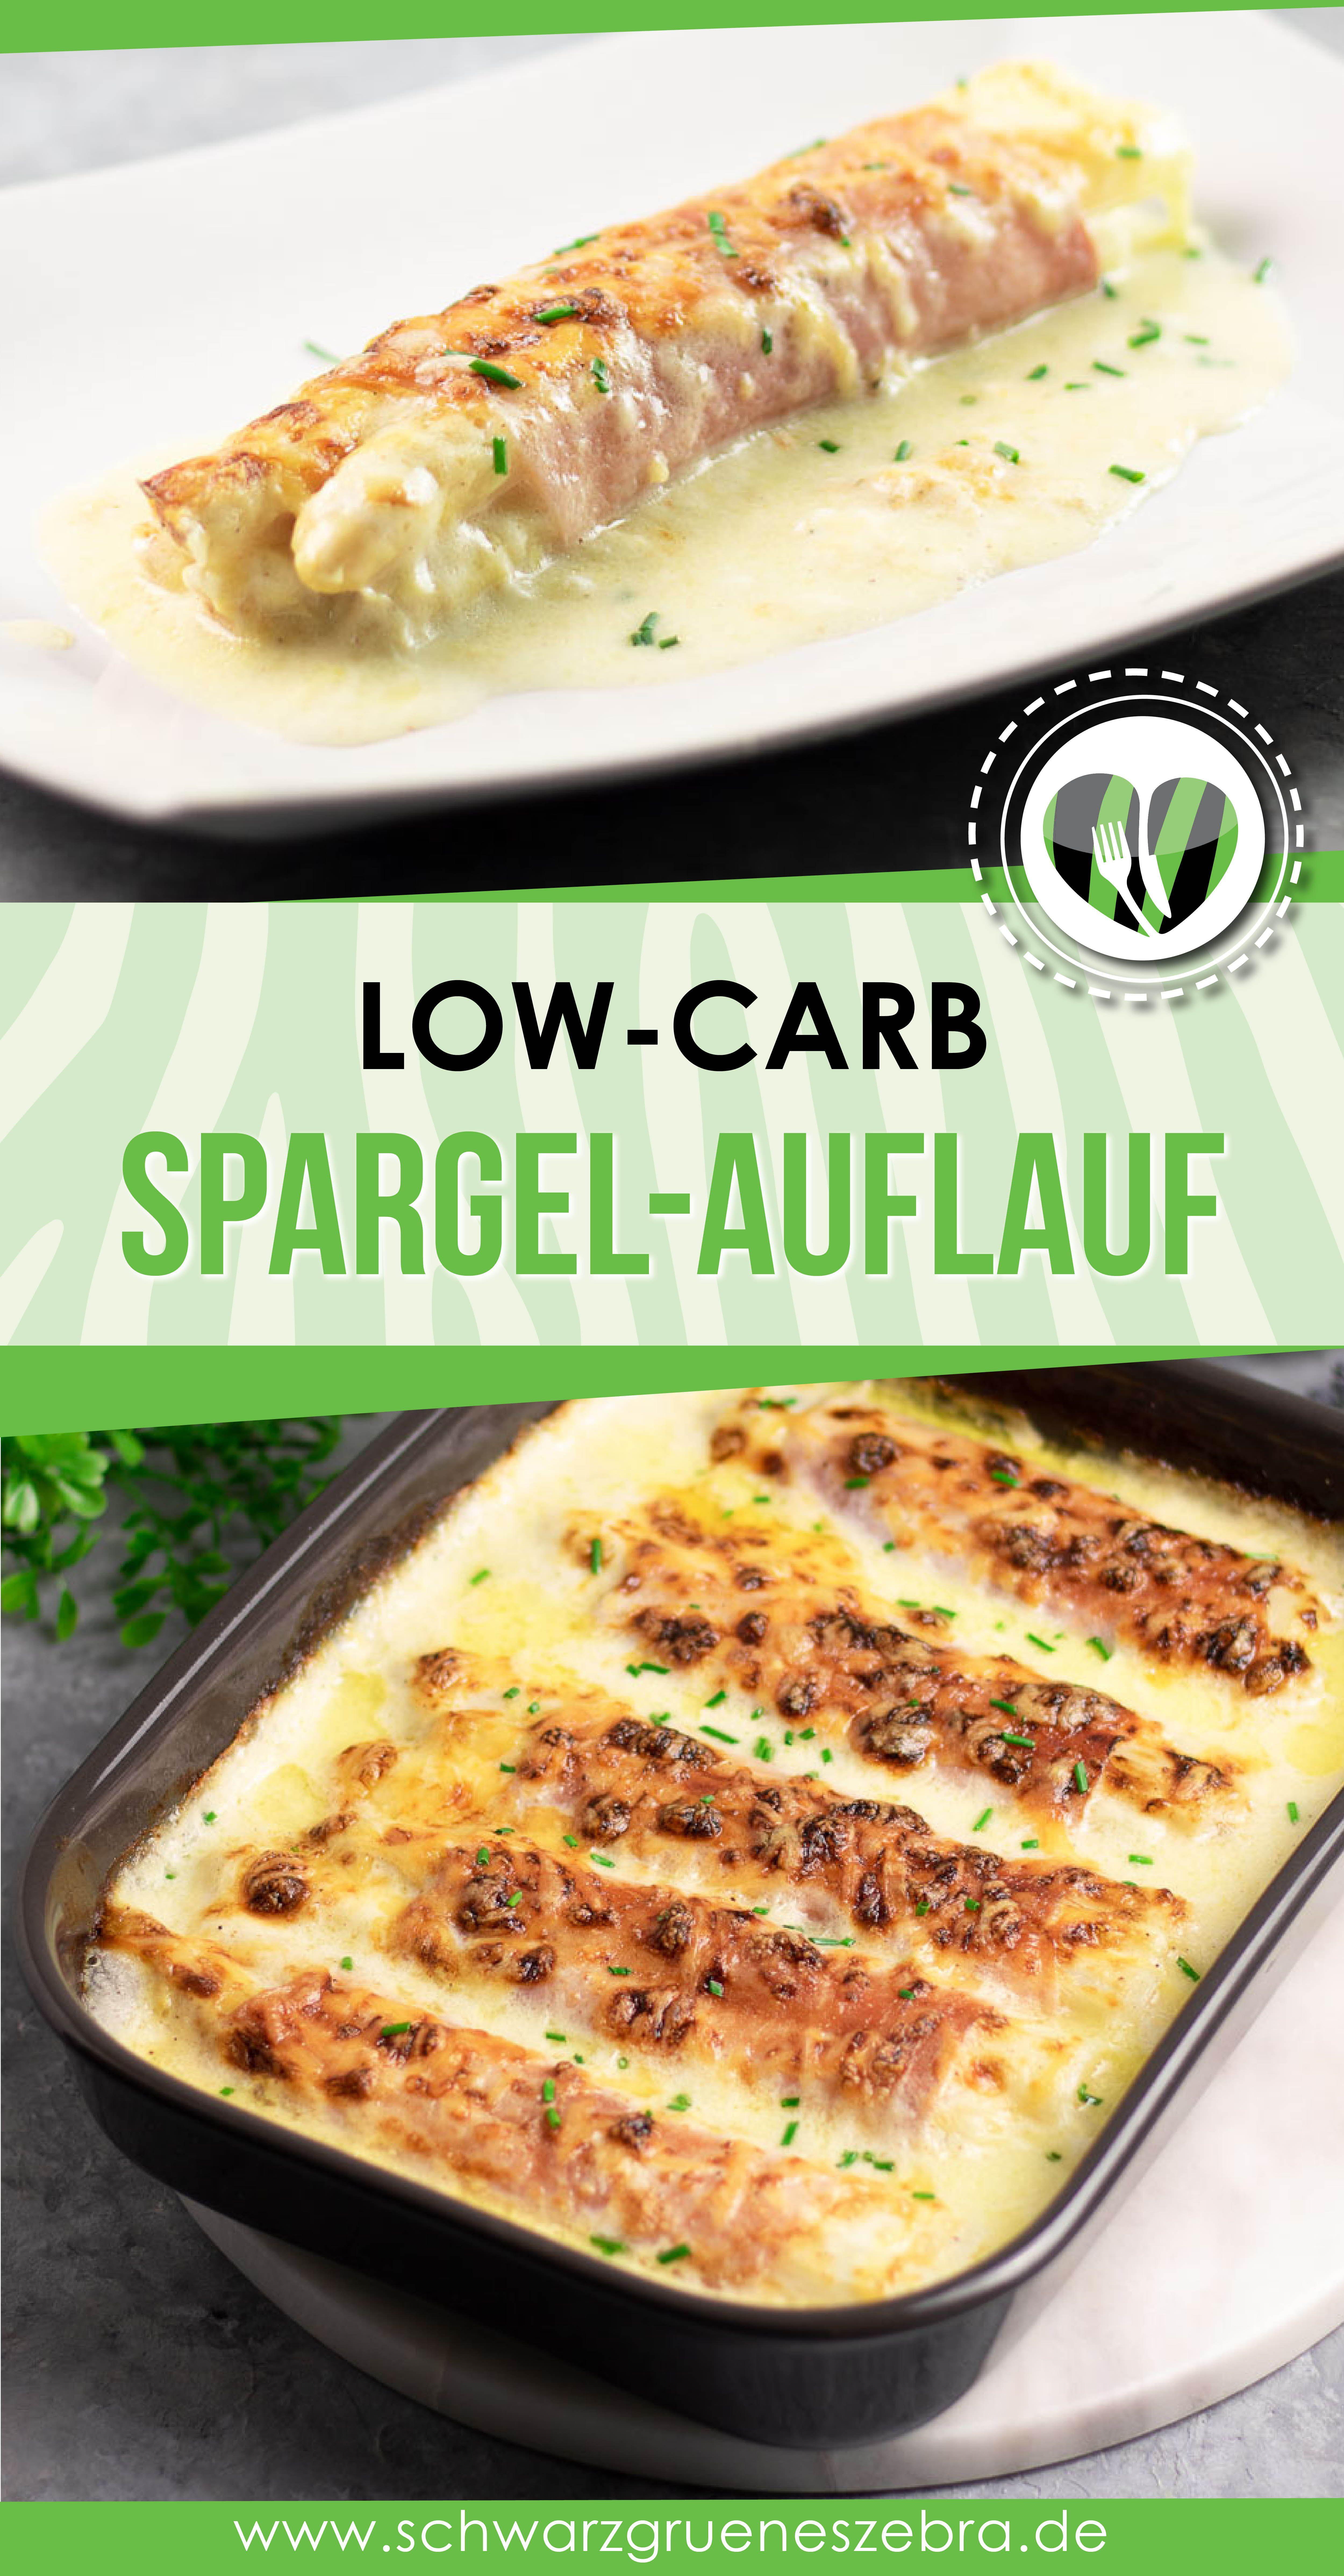 Spargel-Auflauf mit gekochtem Schinken | Schwarzgrueneszebra.de